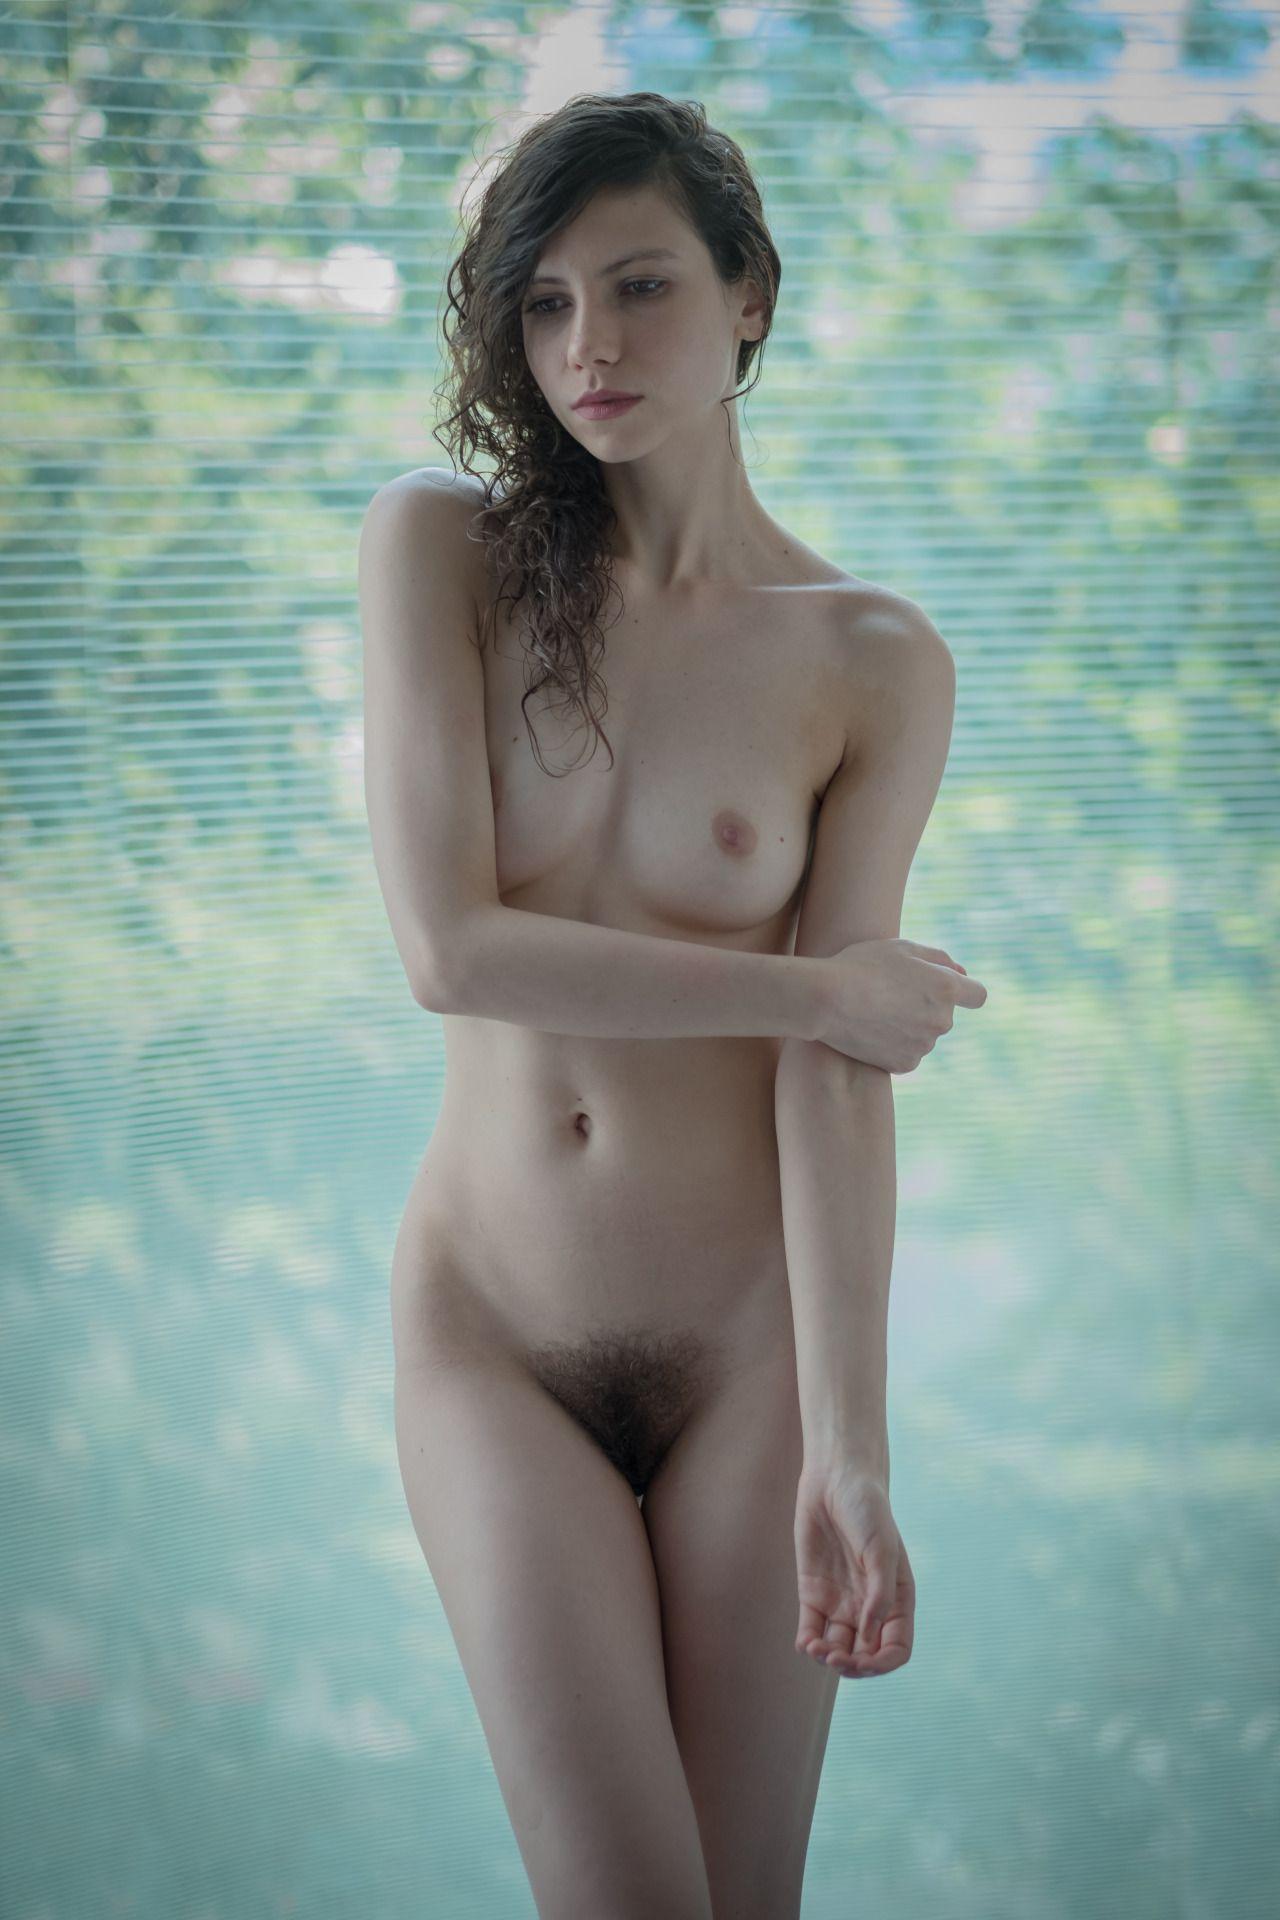 nudes (37 photos), Instagram Celebrites pics